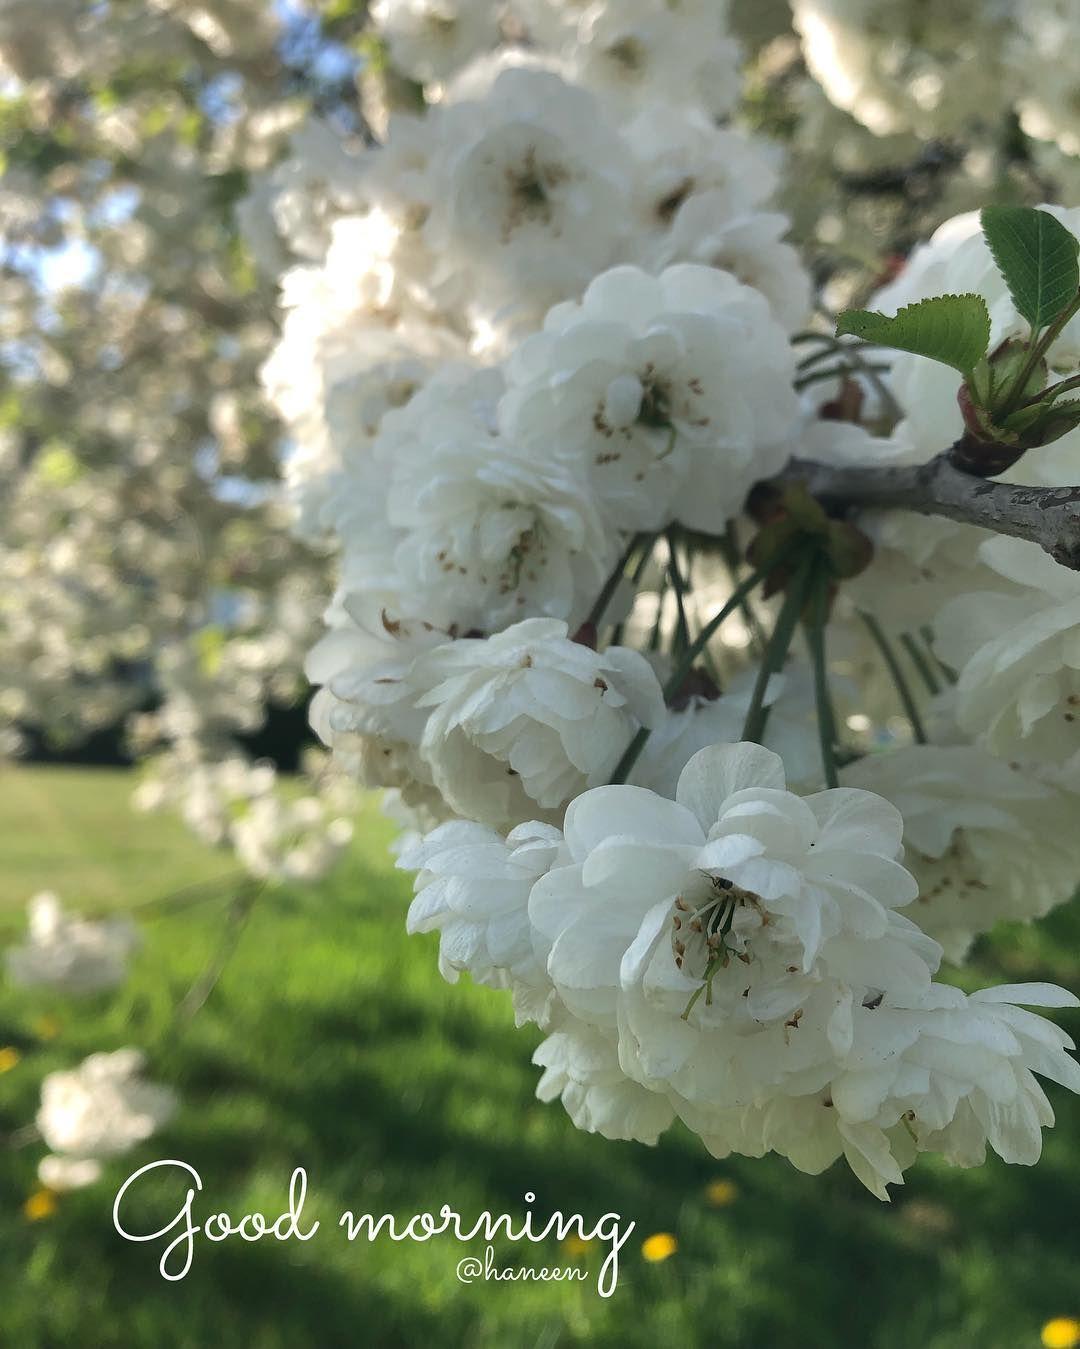 Goodmorning Morning White Flowers Park Photography Photoshoot Photo Goodmor Park Photography Pretty Flowers White Flowers